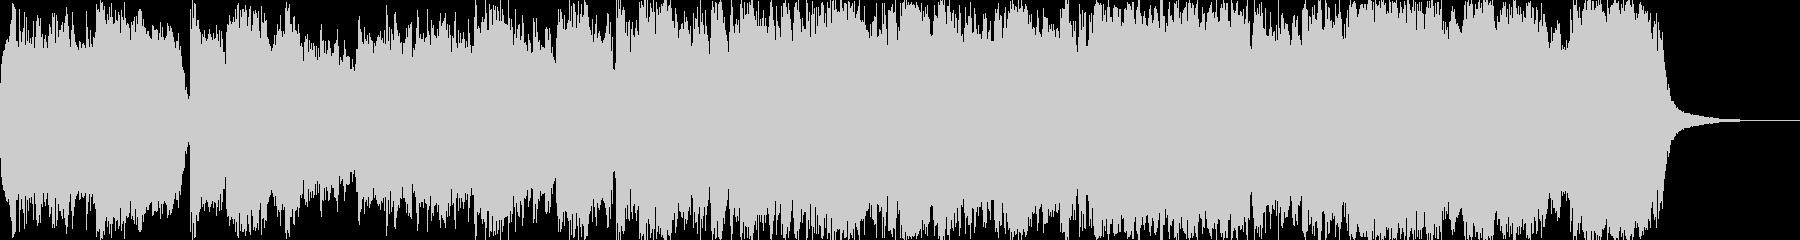 前半部はチェロを主体に低音重視で、後半…の未再生の波形